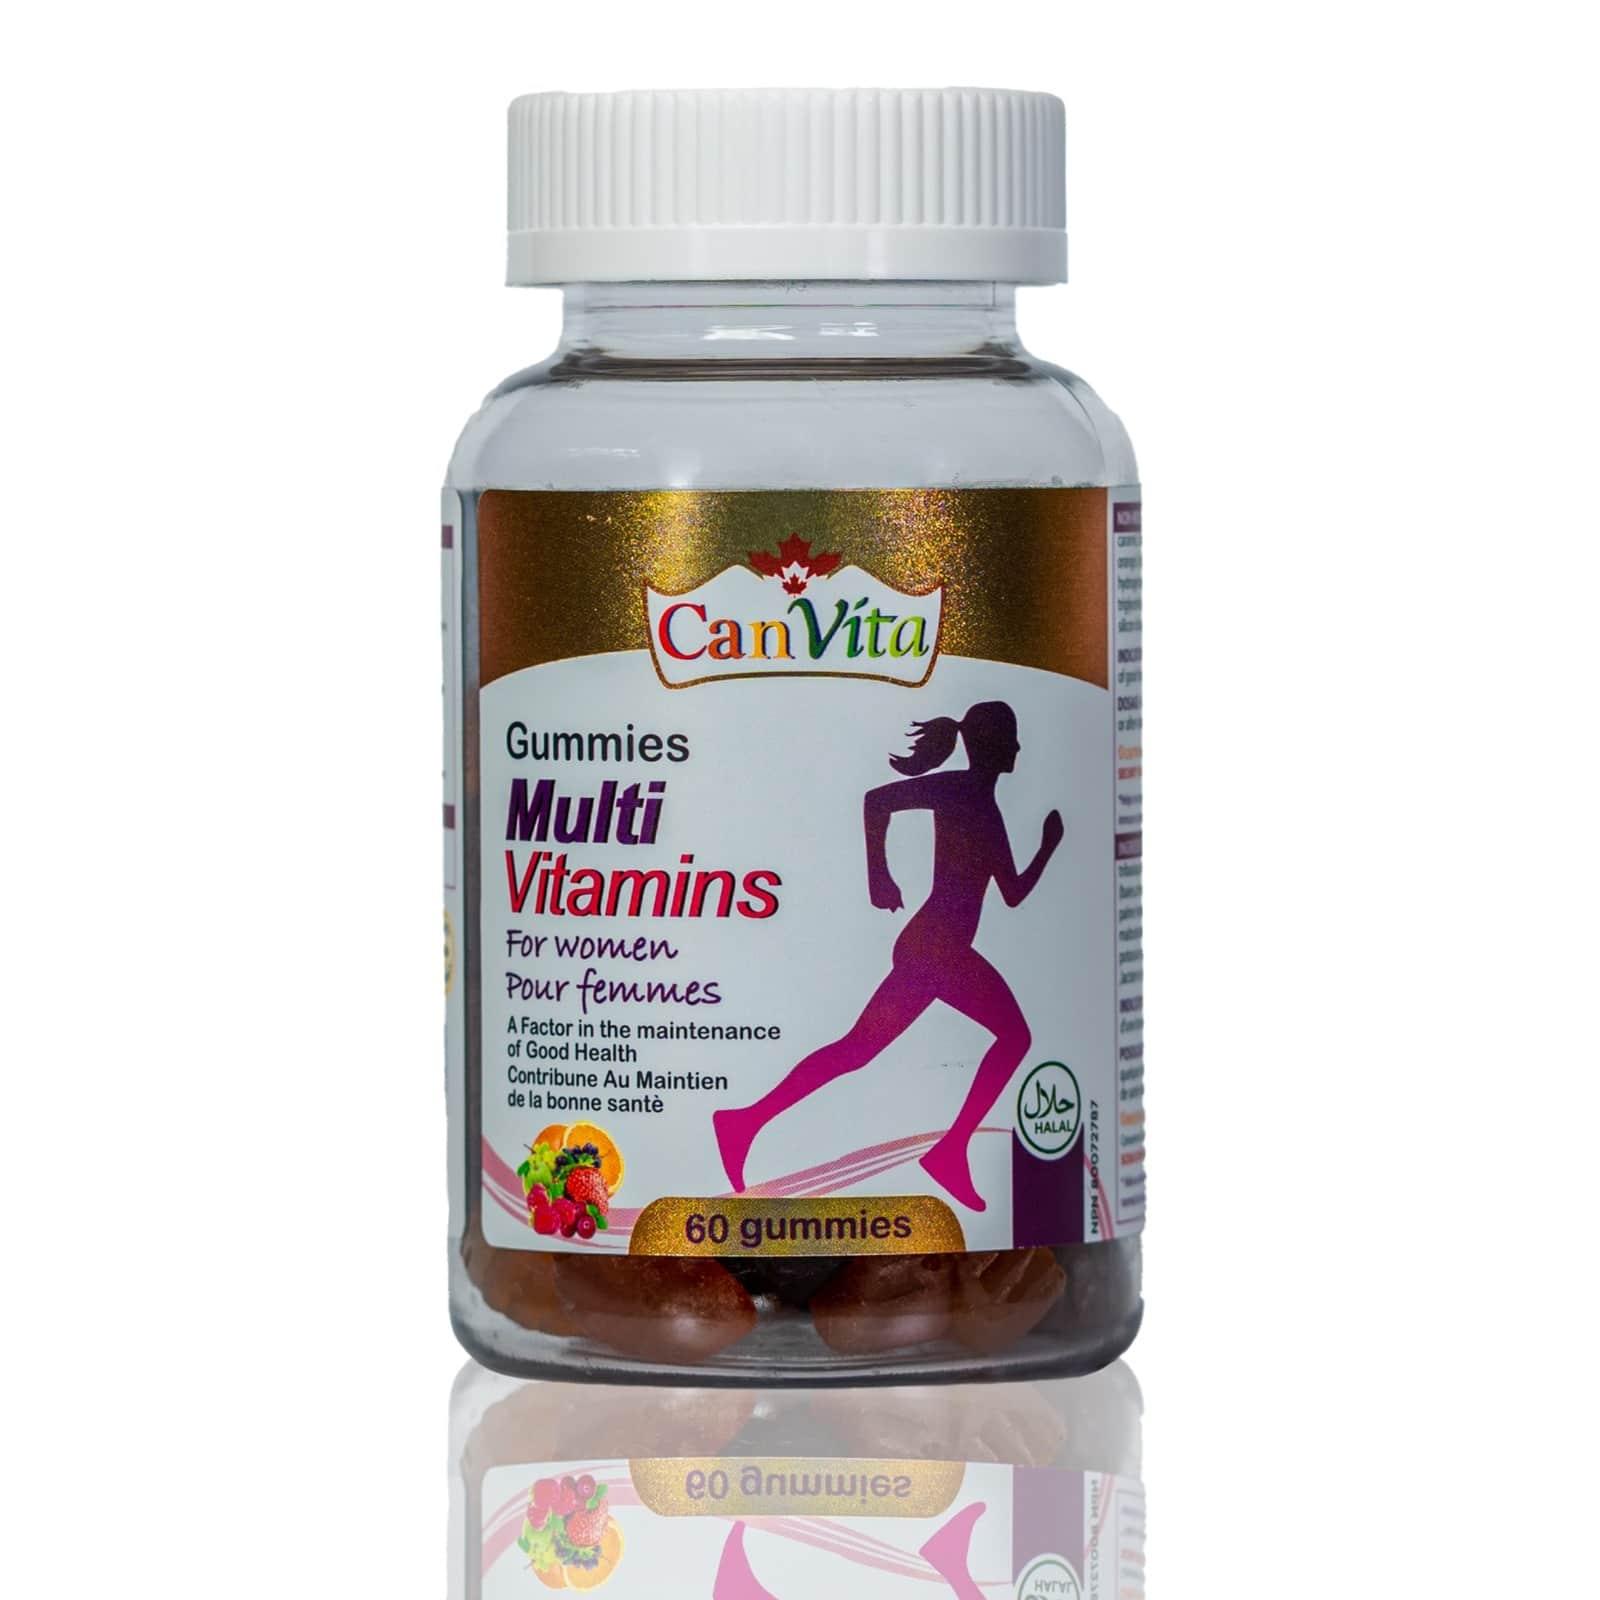 Canvita Women's Multivitamin Gummy